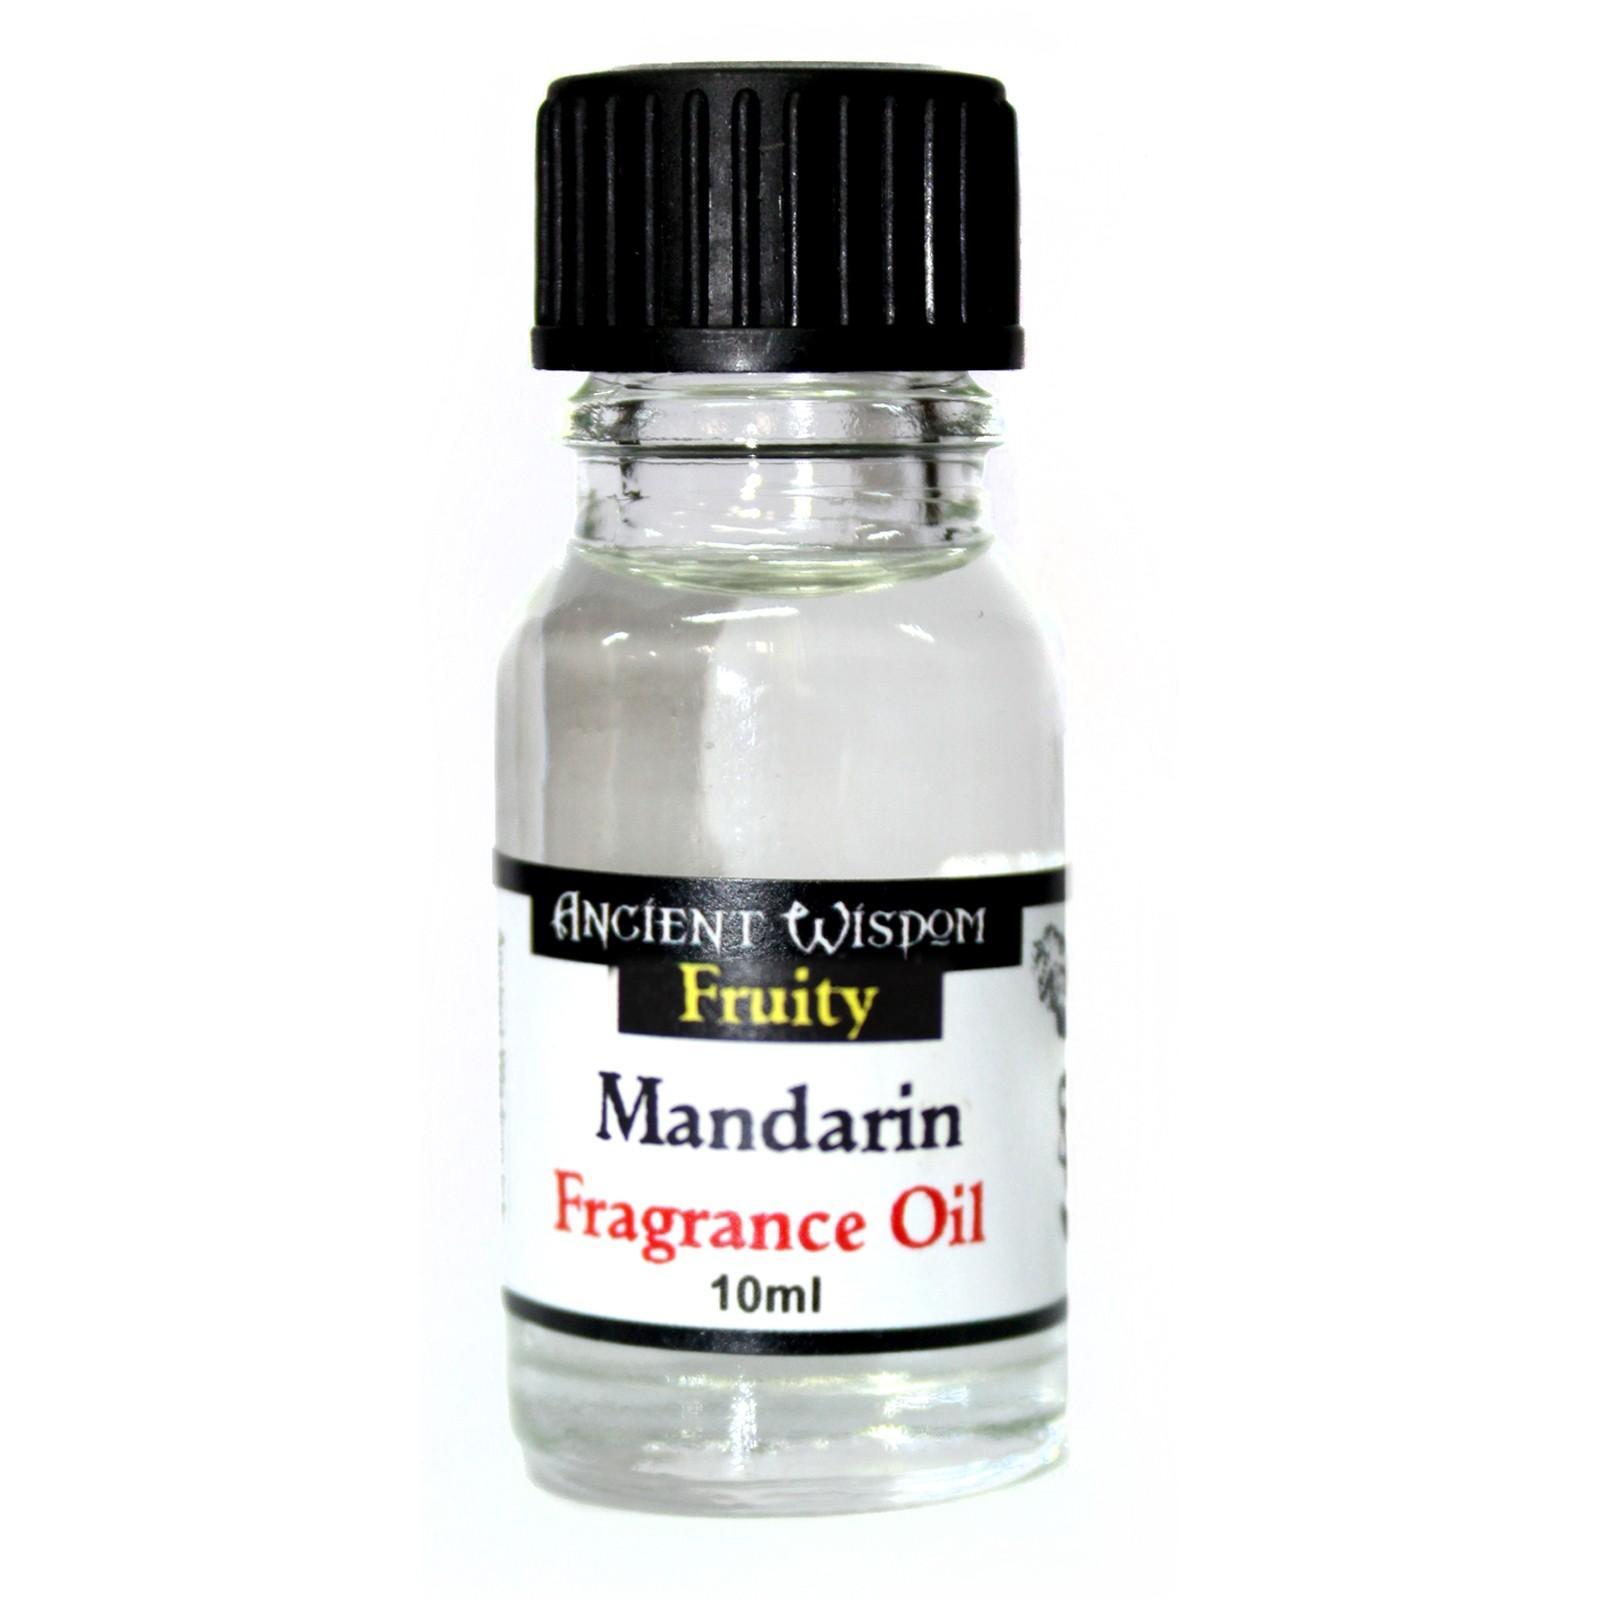 10ml Mandarin Fragrance Oil